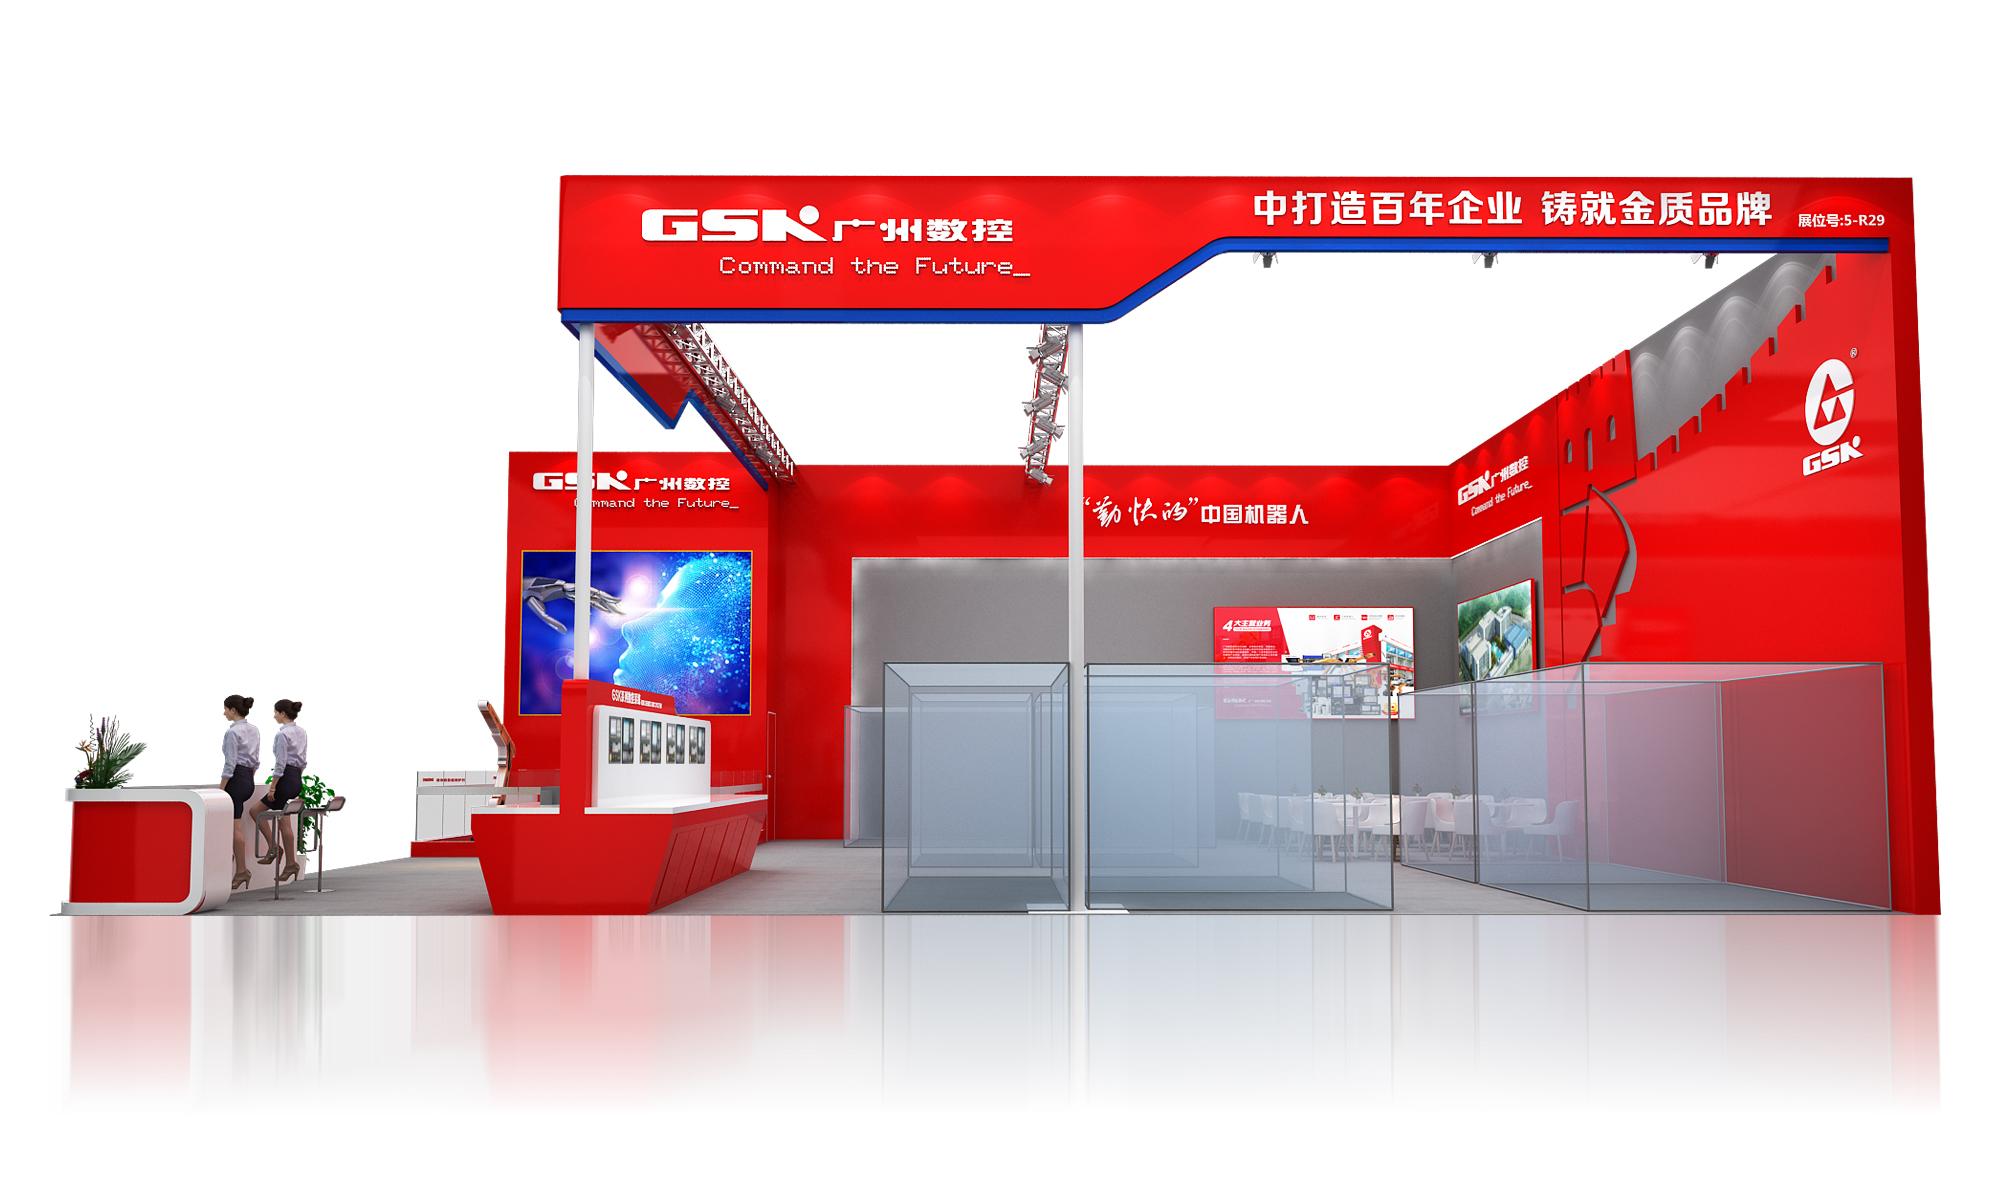 广州数控展台设计图的侧面效果图